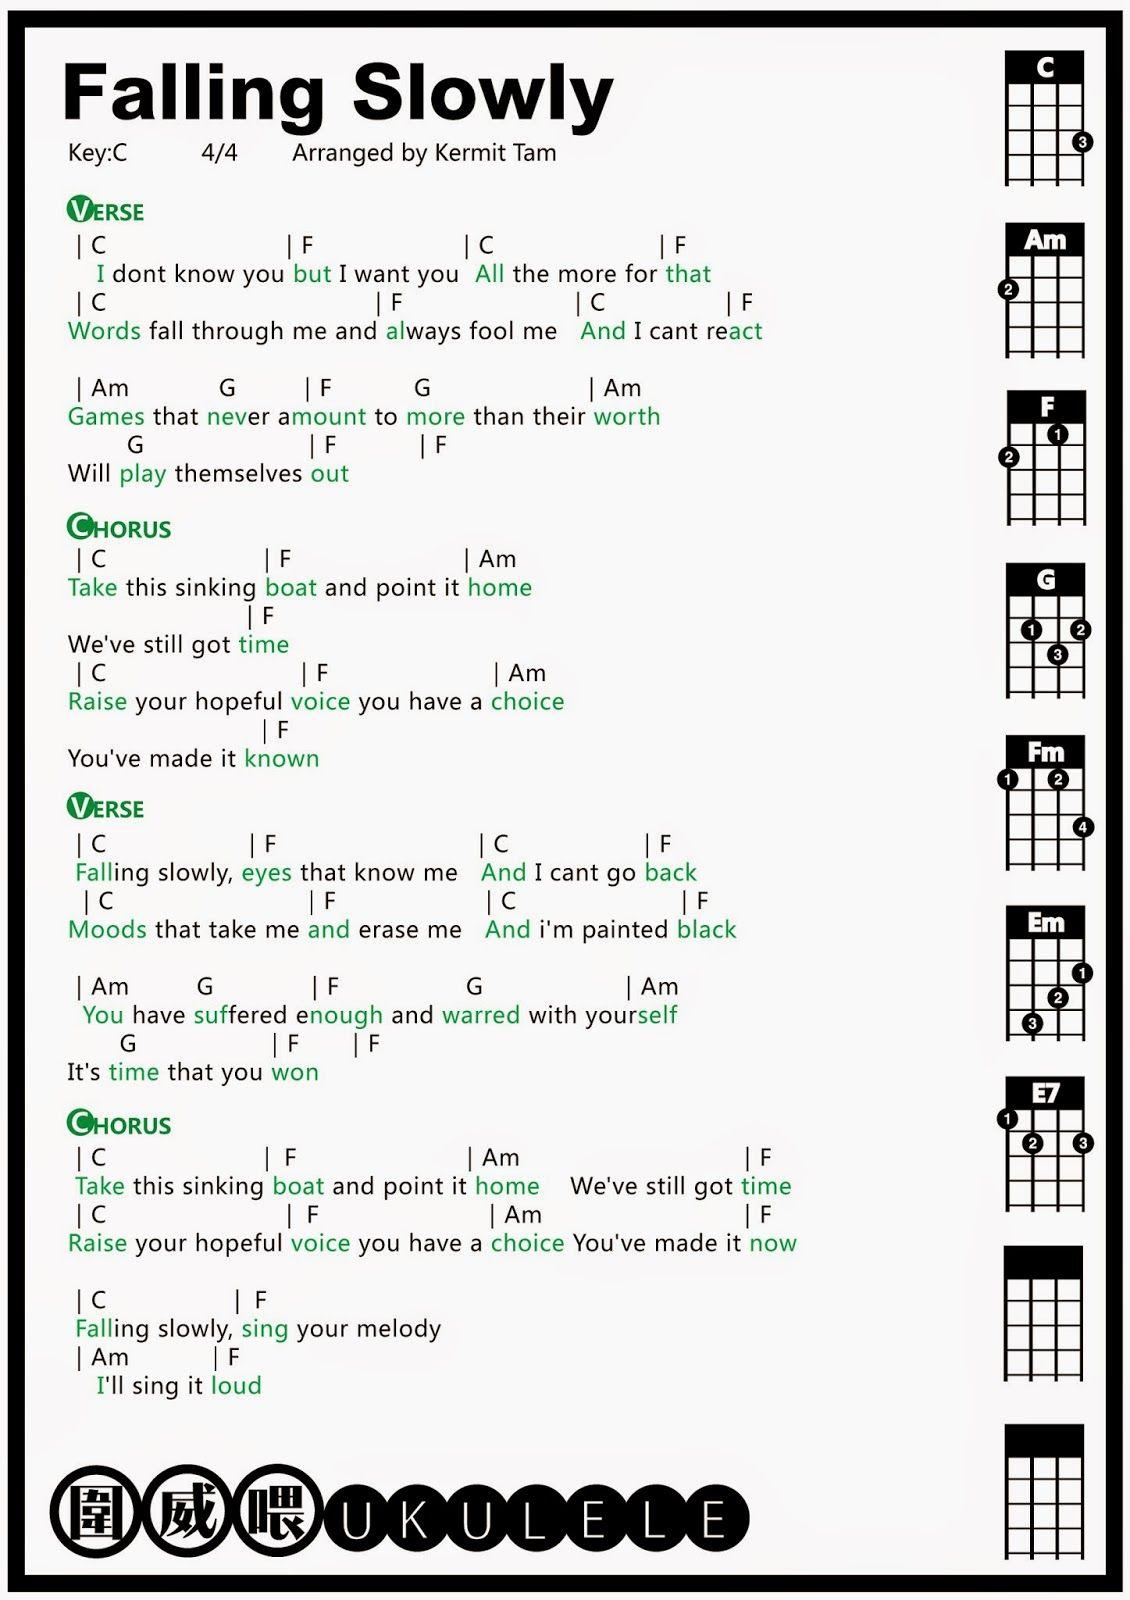 Ukulele Falling Slowly Tab Pinterest Uke String Diagram Related Keywords Suggestions